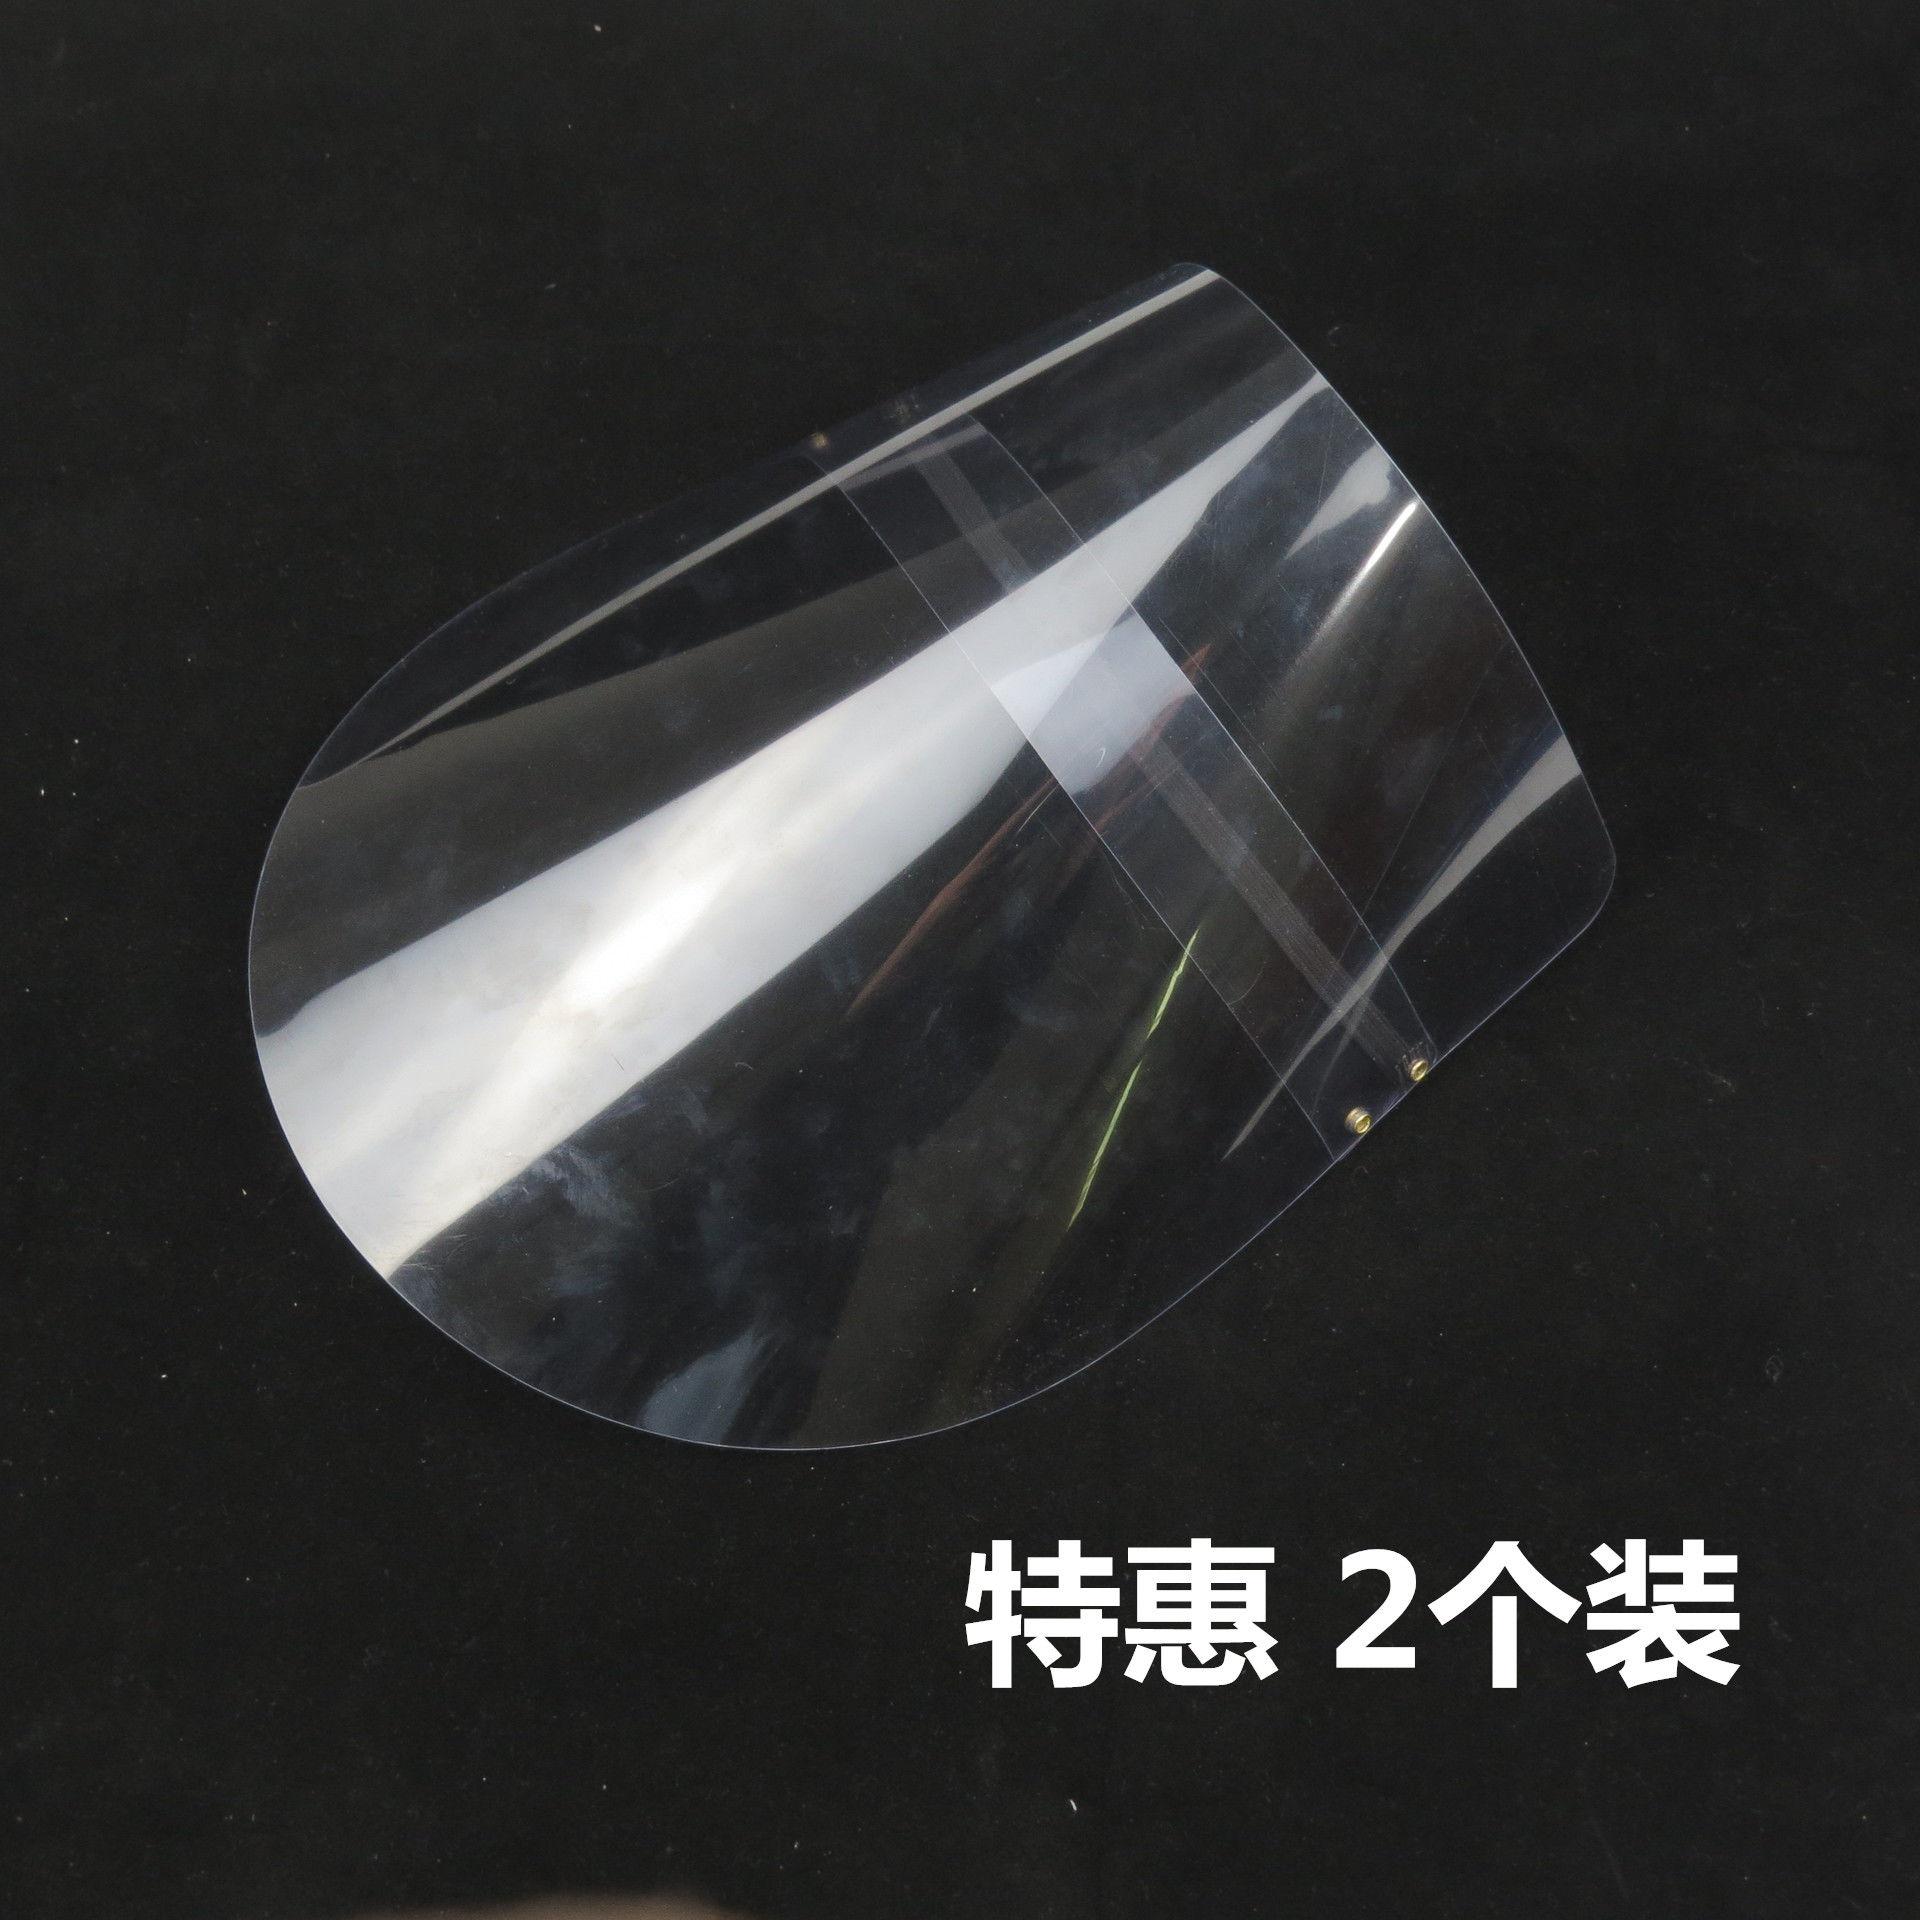 男女通用防飞沫防油溅面罩厨房做饭透明护眼面罩外出护脸罩面具